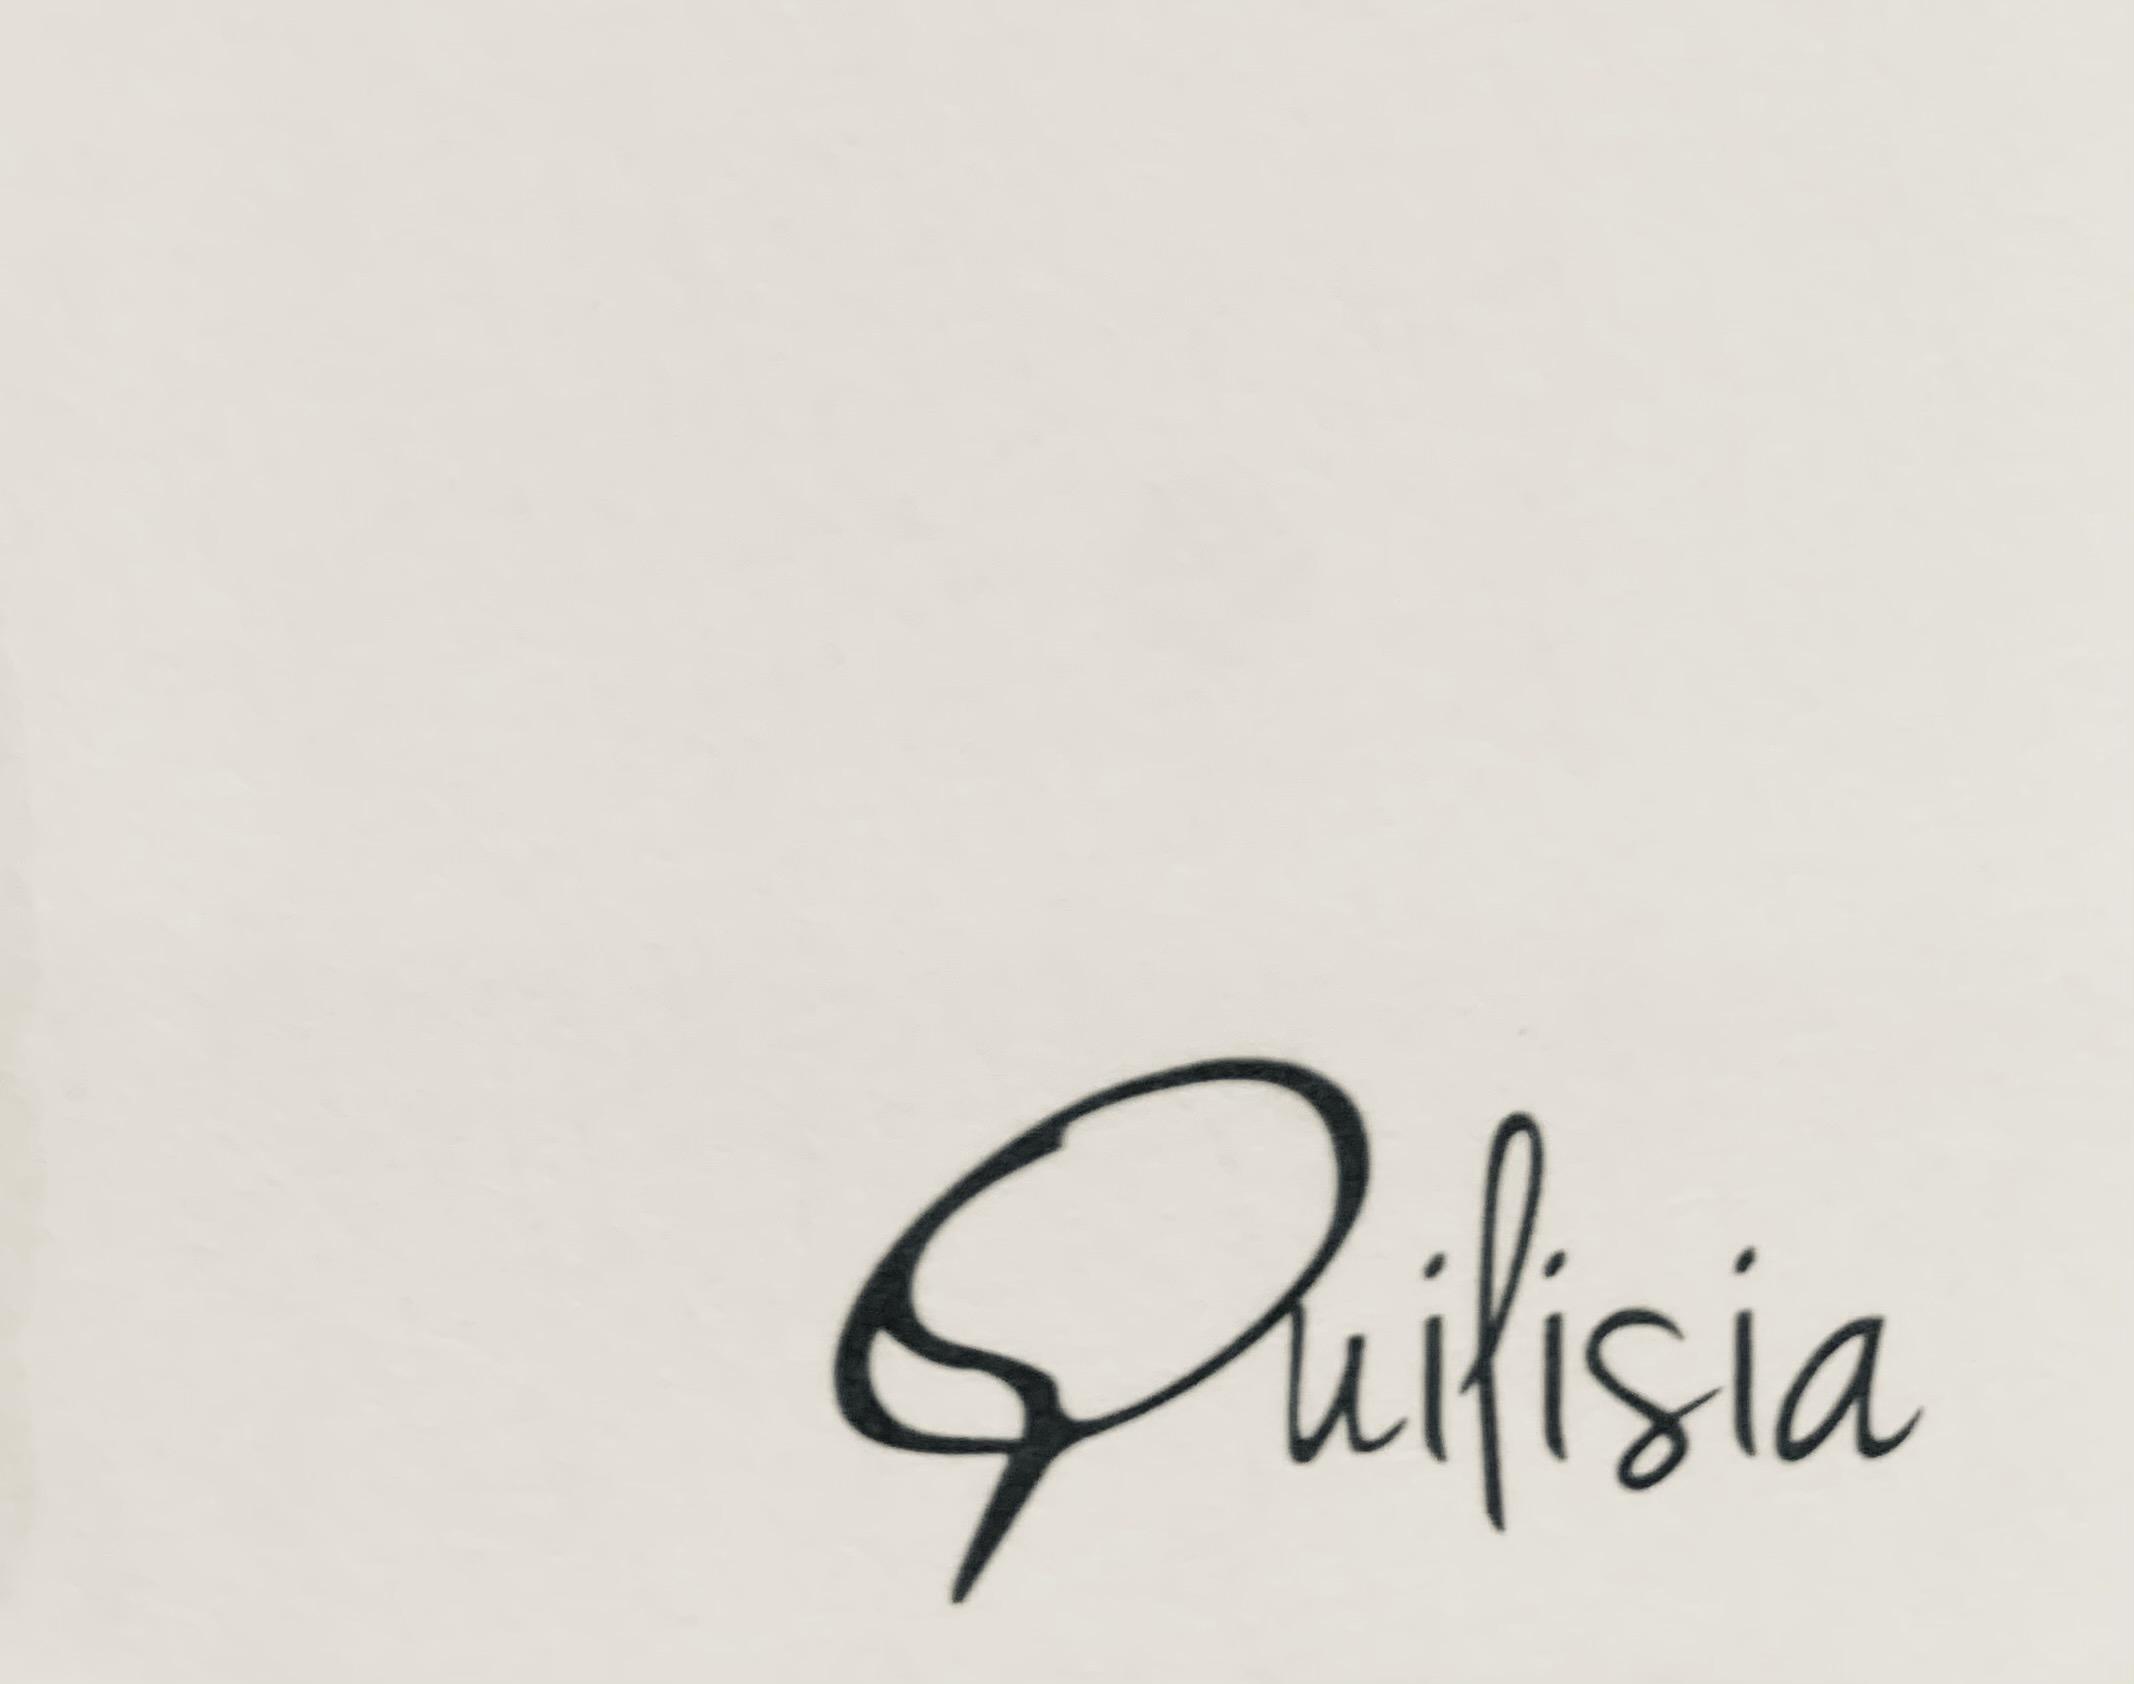 QUILISIA